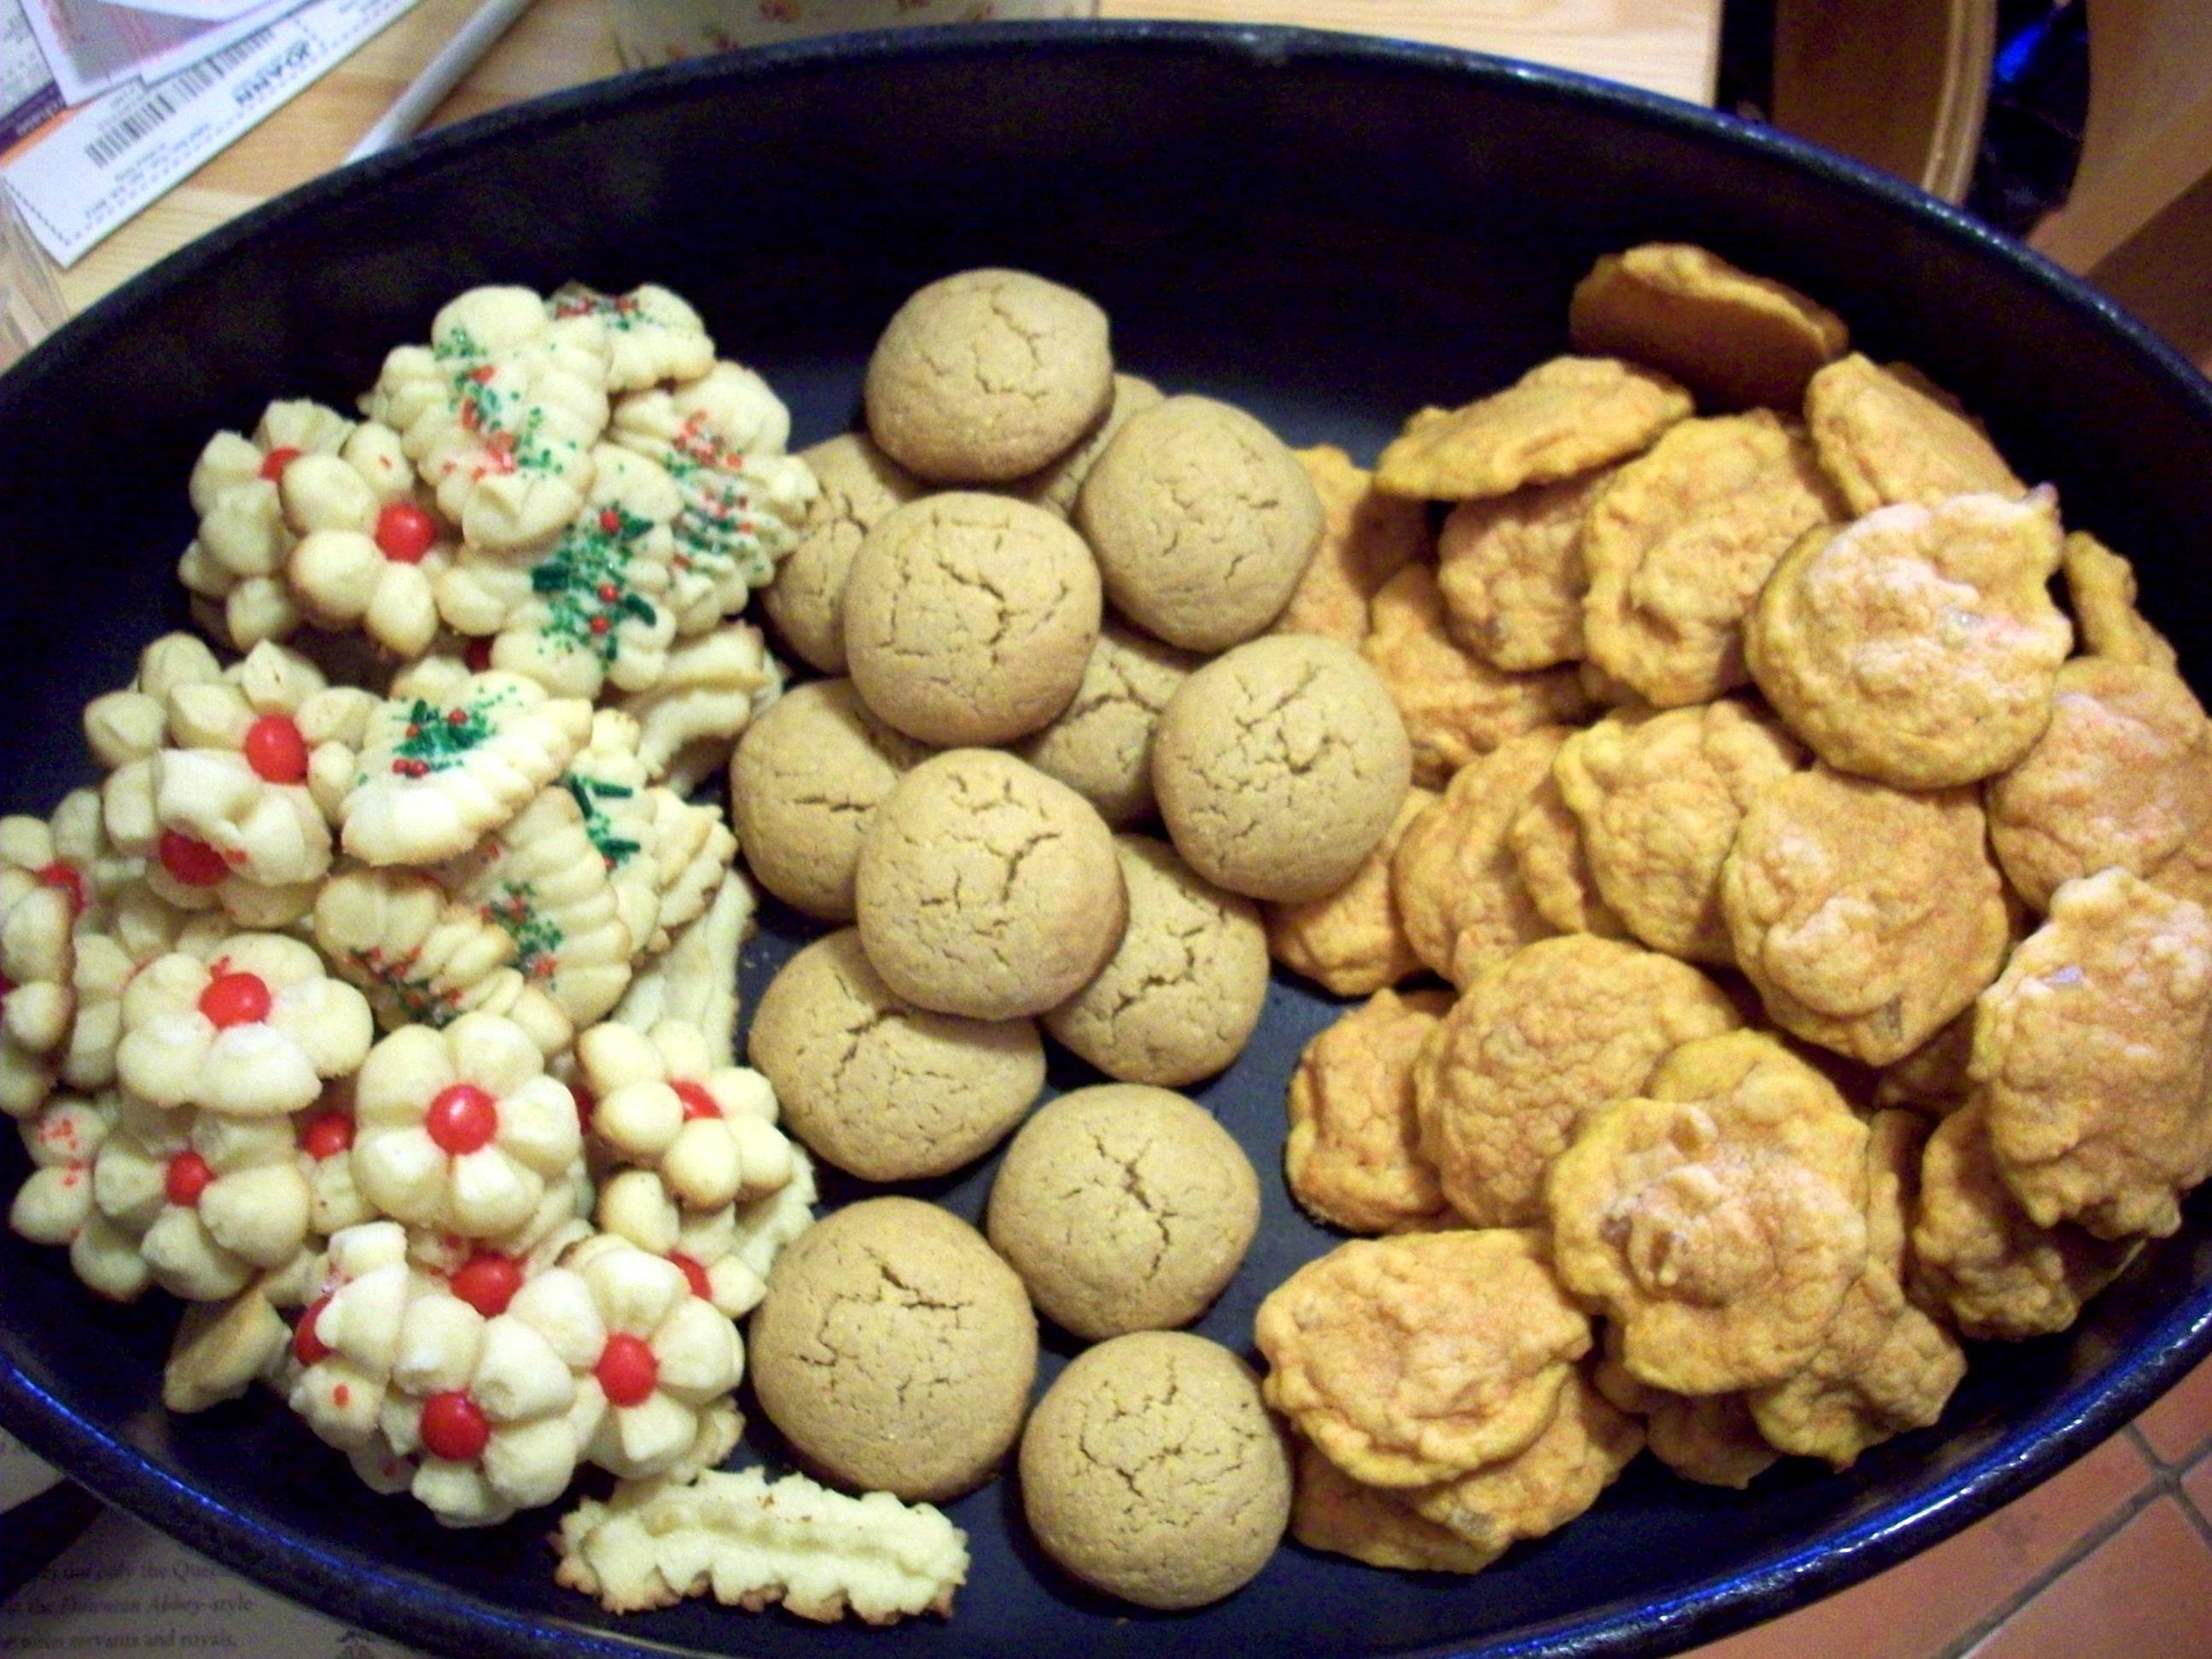 Russian Christmas Food Christmas food: cookies Christmas Tree Decorations 2013